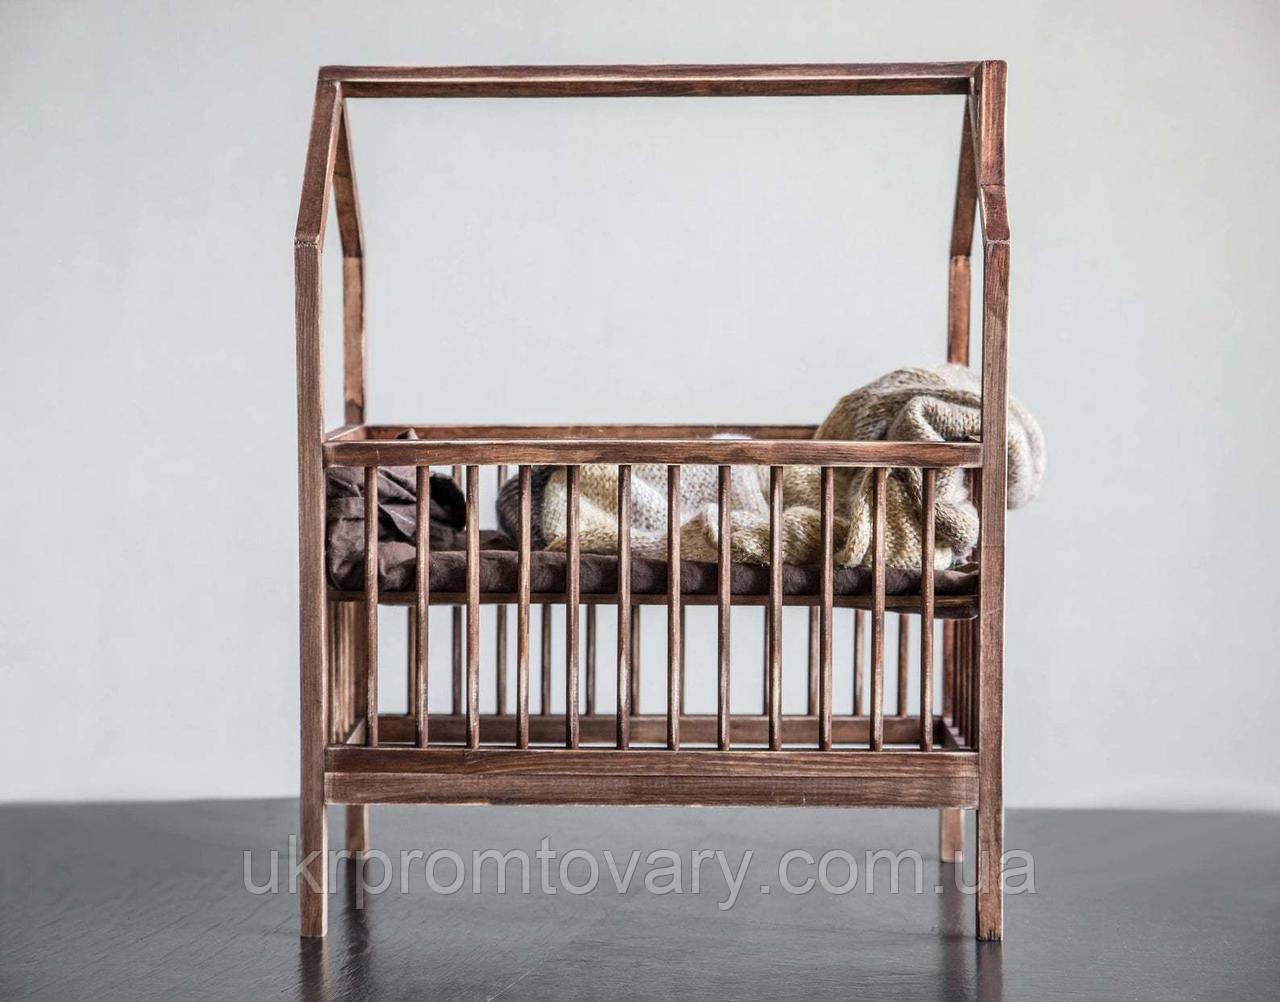 Кровать LOFT DESIGN 64091, НАТУРАЛЬНОЕ ДЕРЕВО, мебель Лофт Производство в Киеве